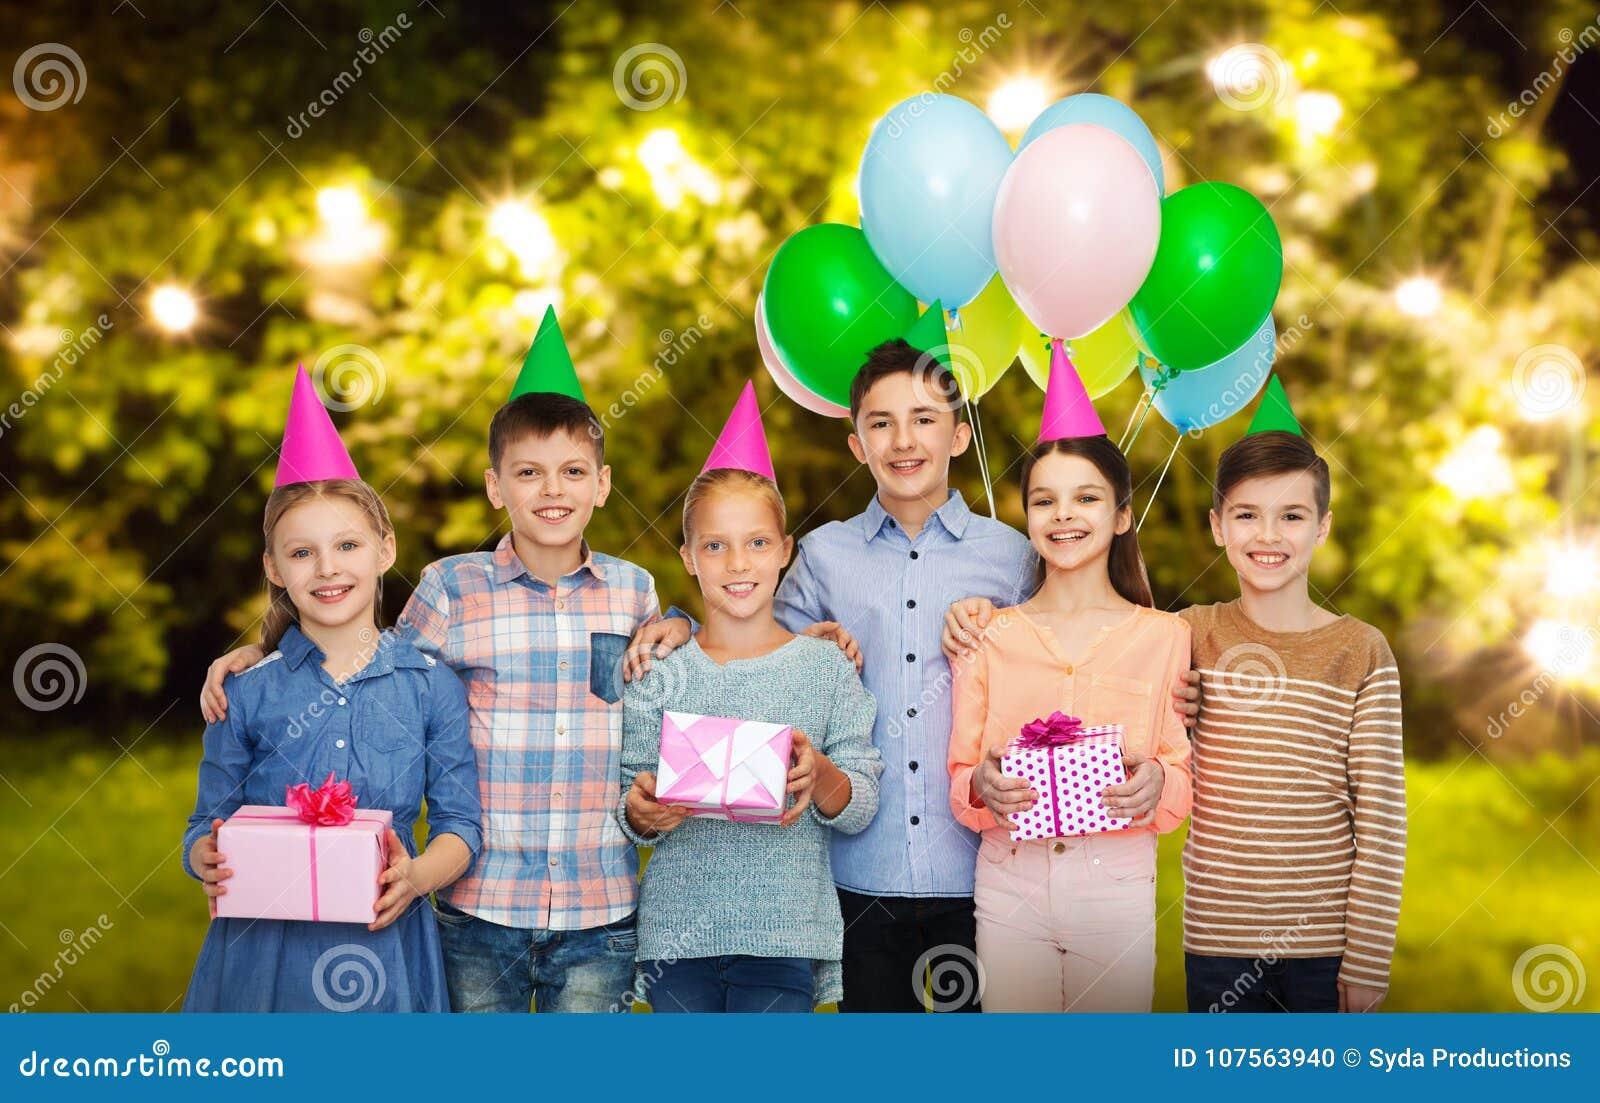 Lyckliga barn med gåvor på födelsedagpartiet